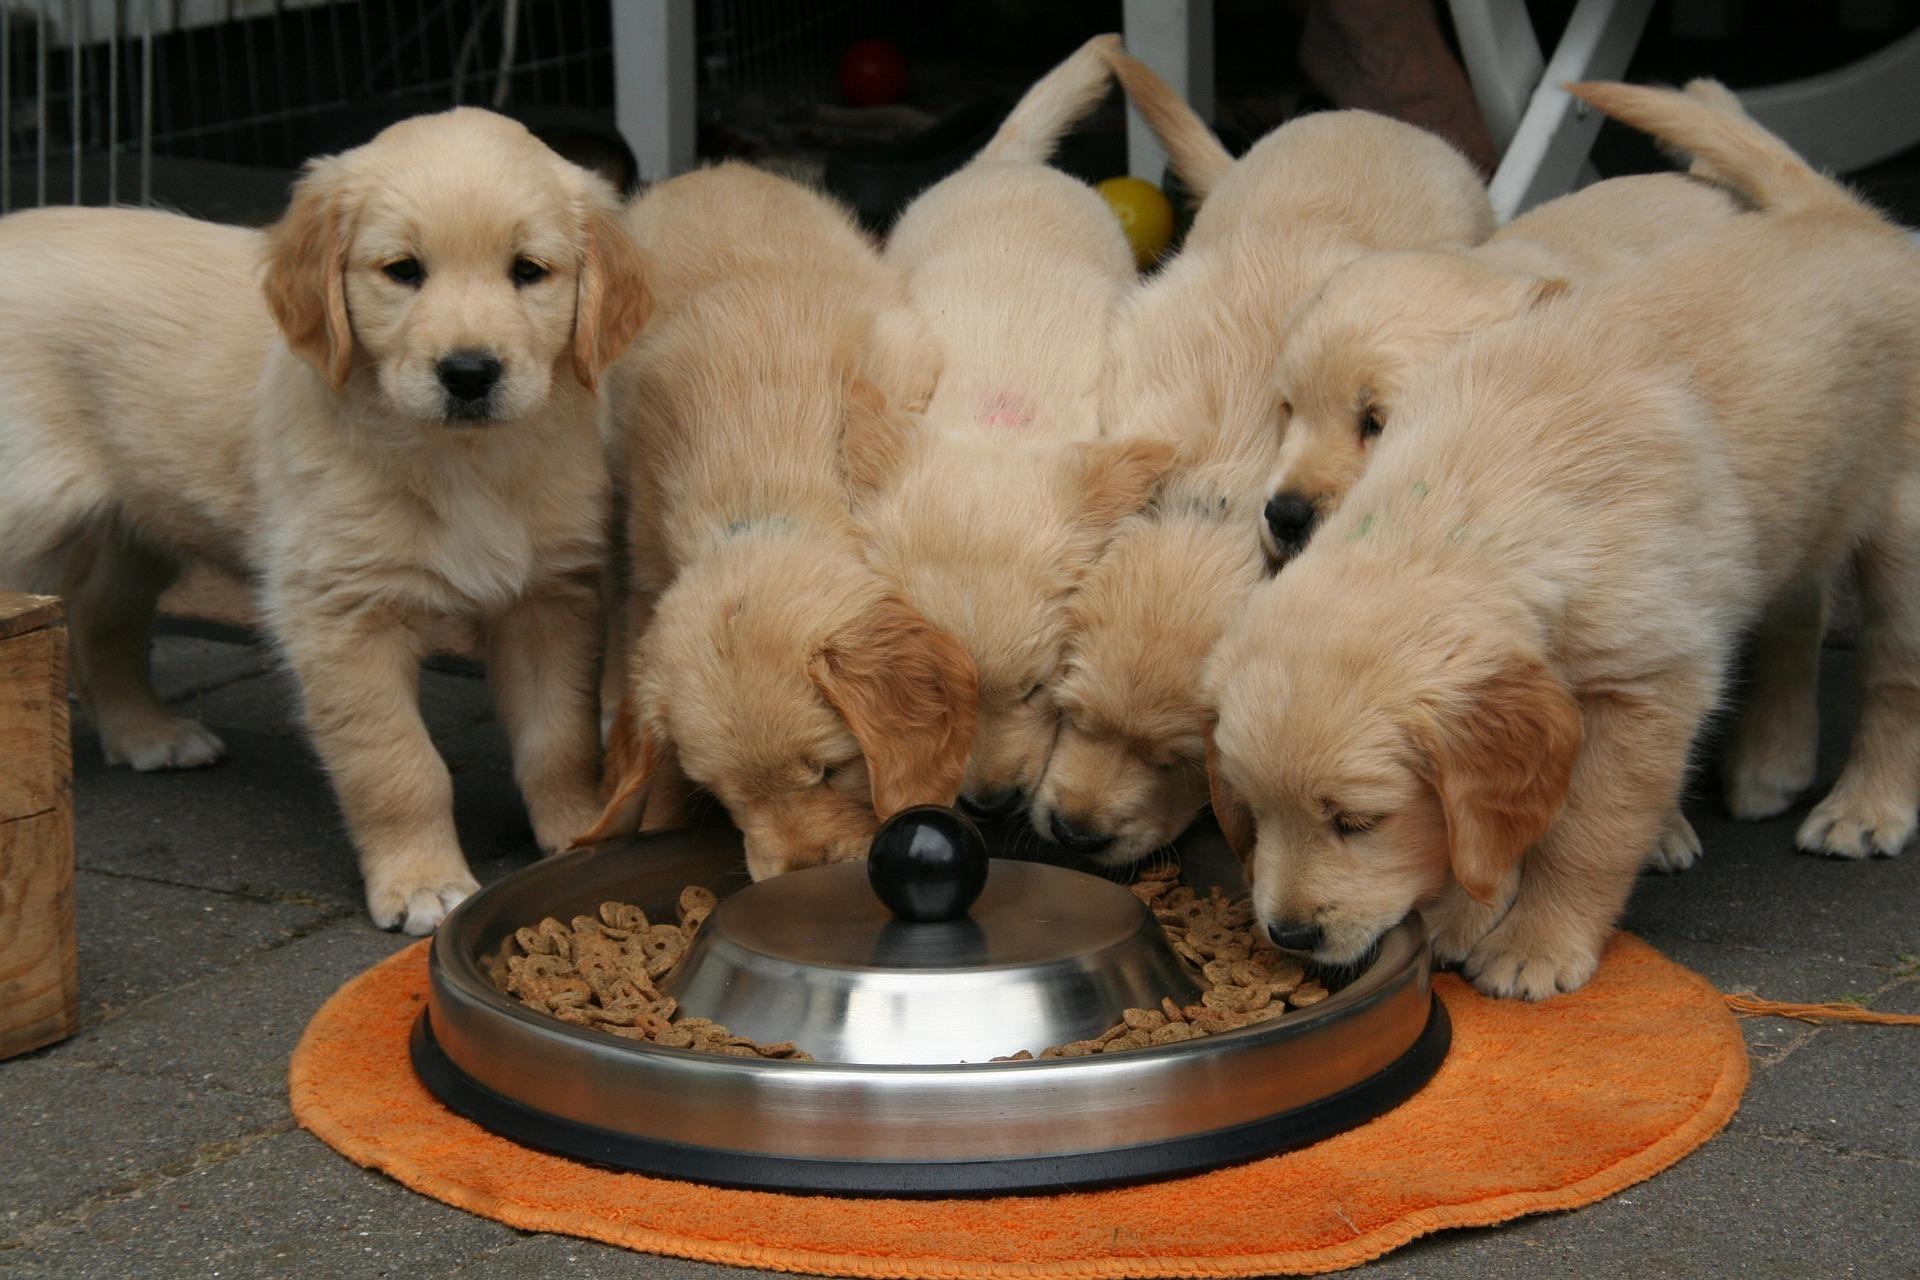 eating golden retriever puppies.jpg